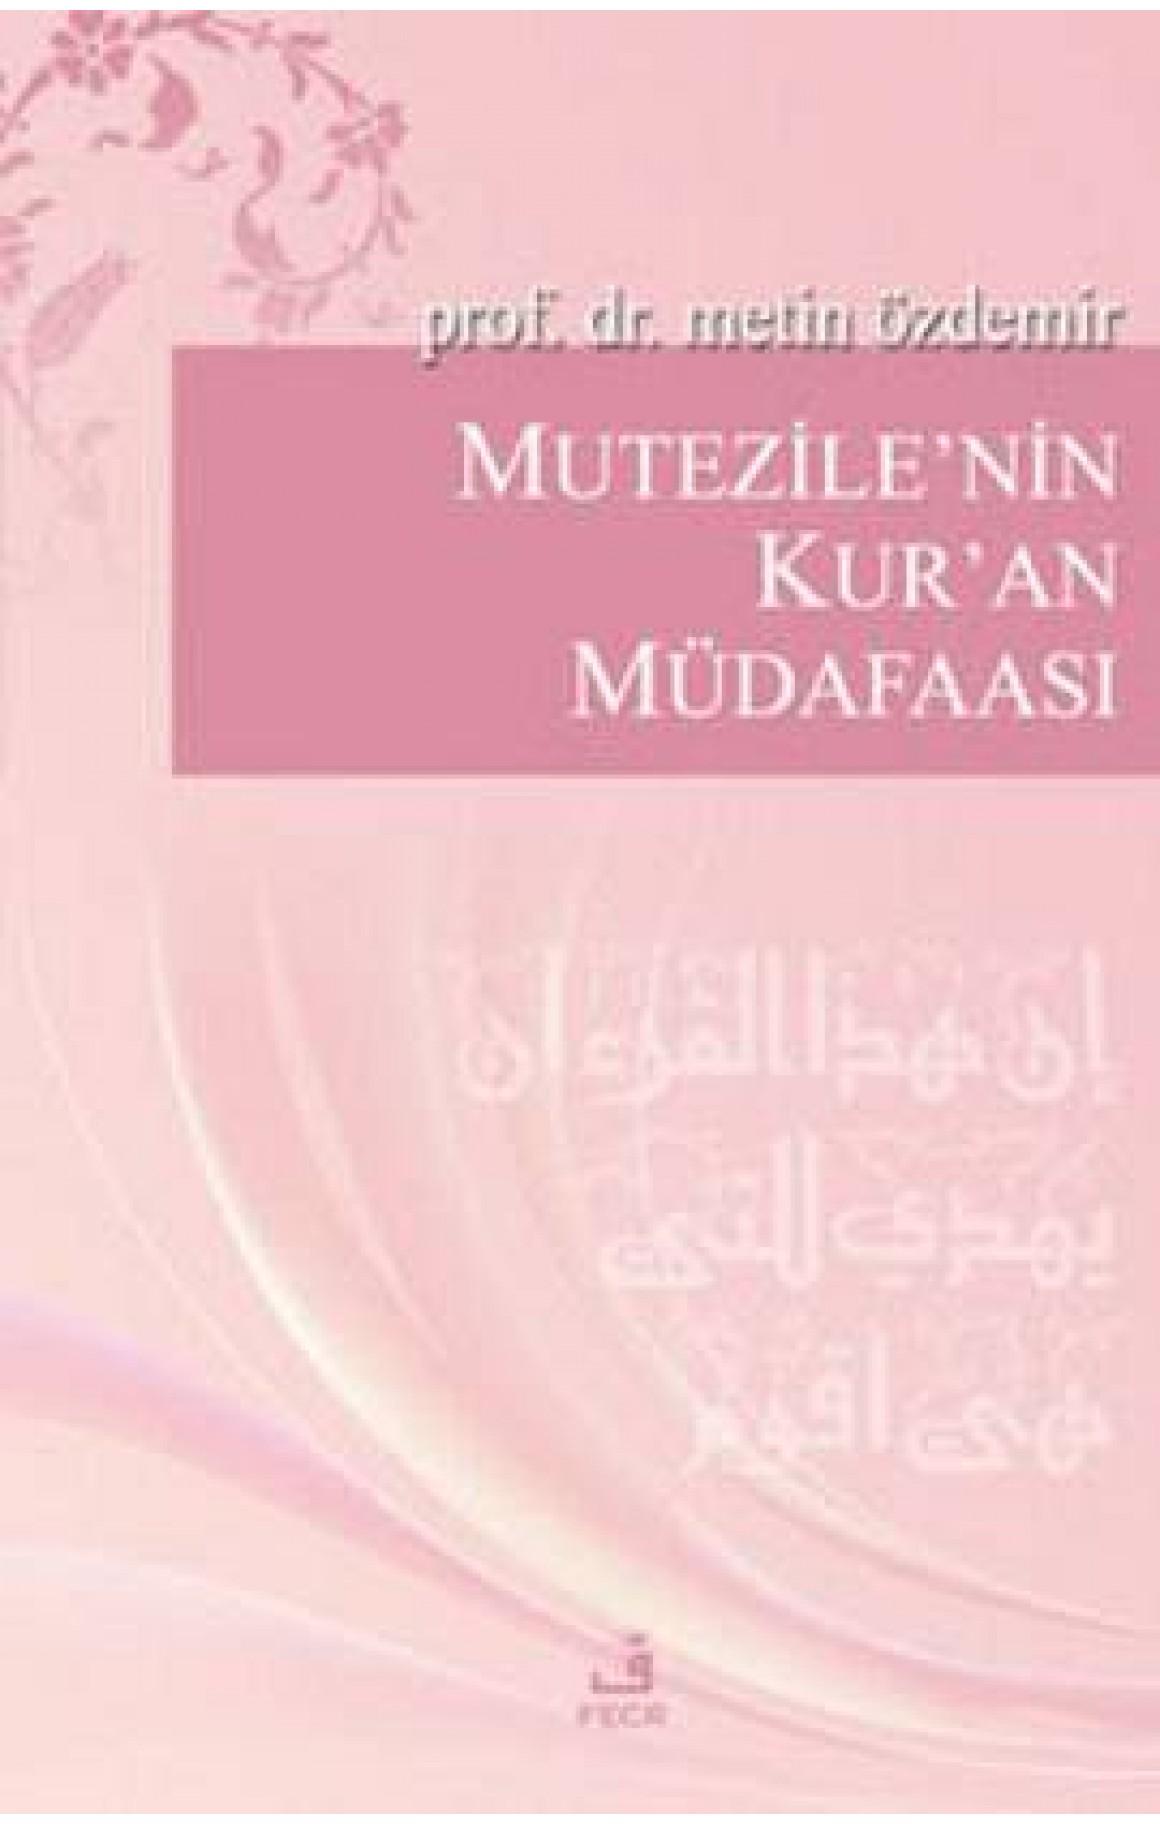 Mutezile'nin Kur'an Müdafaası